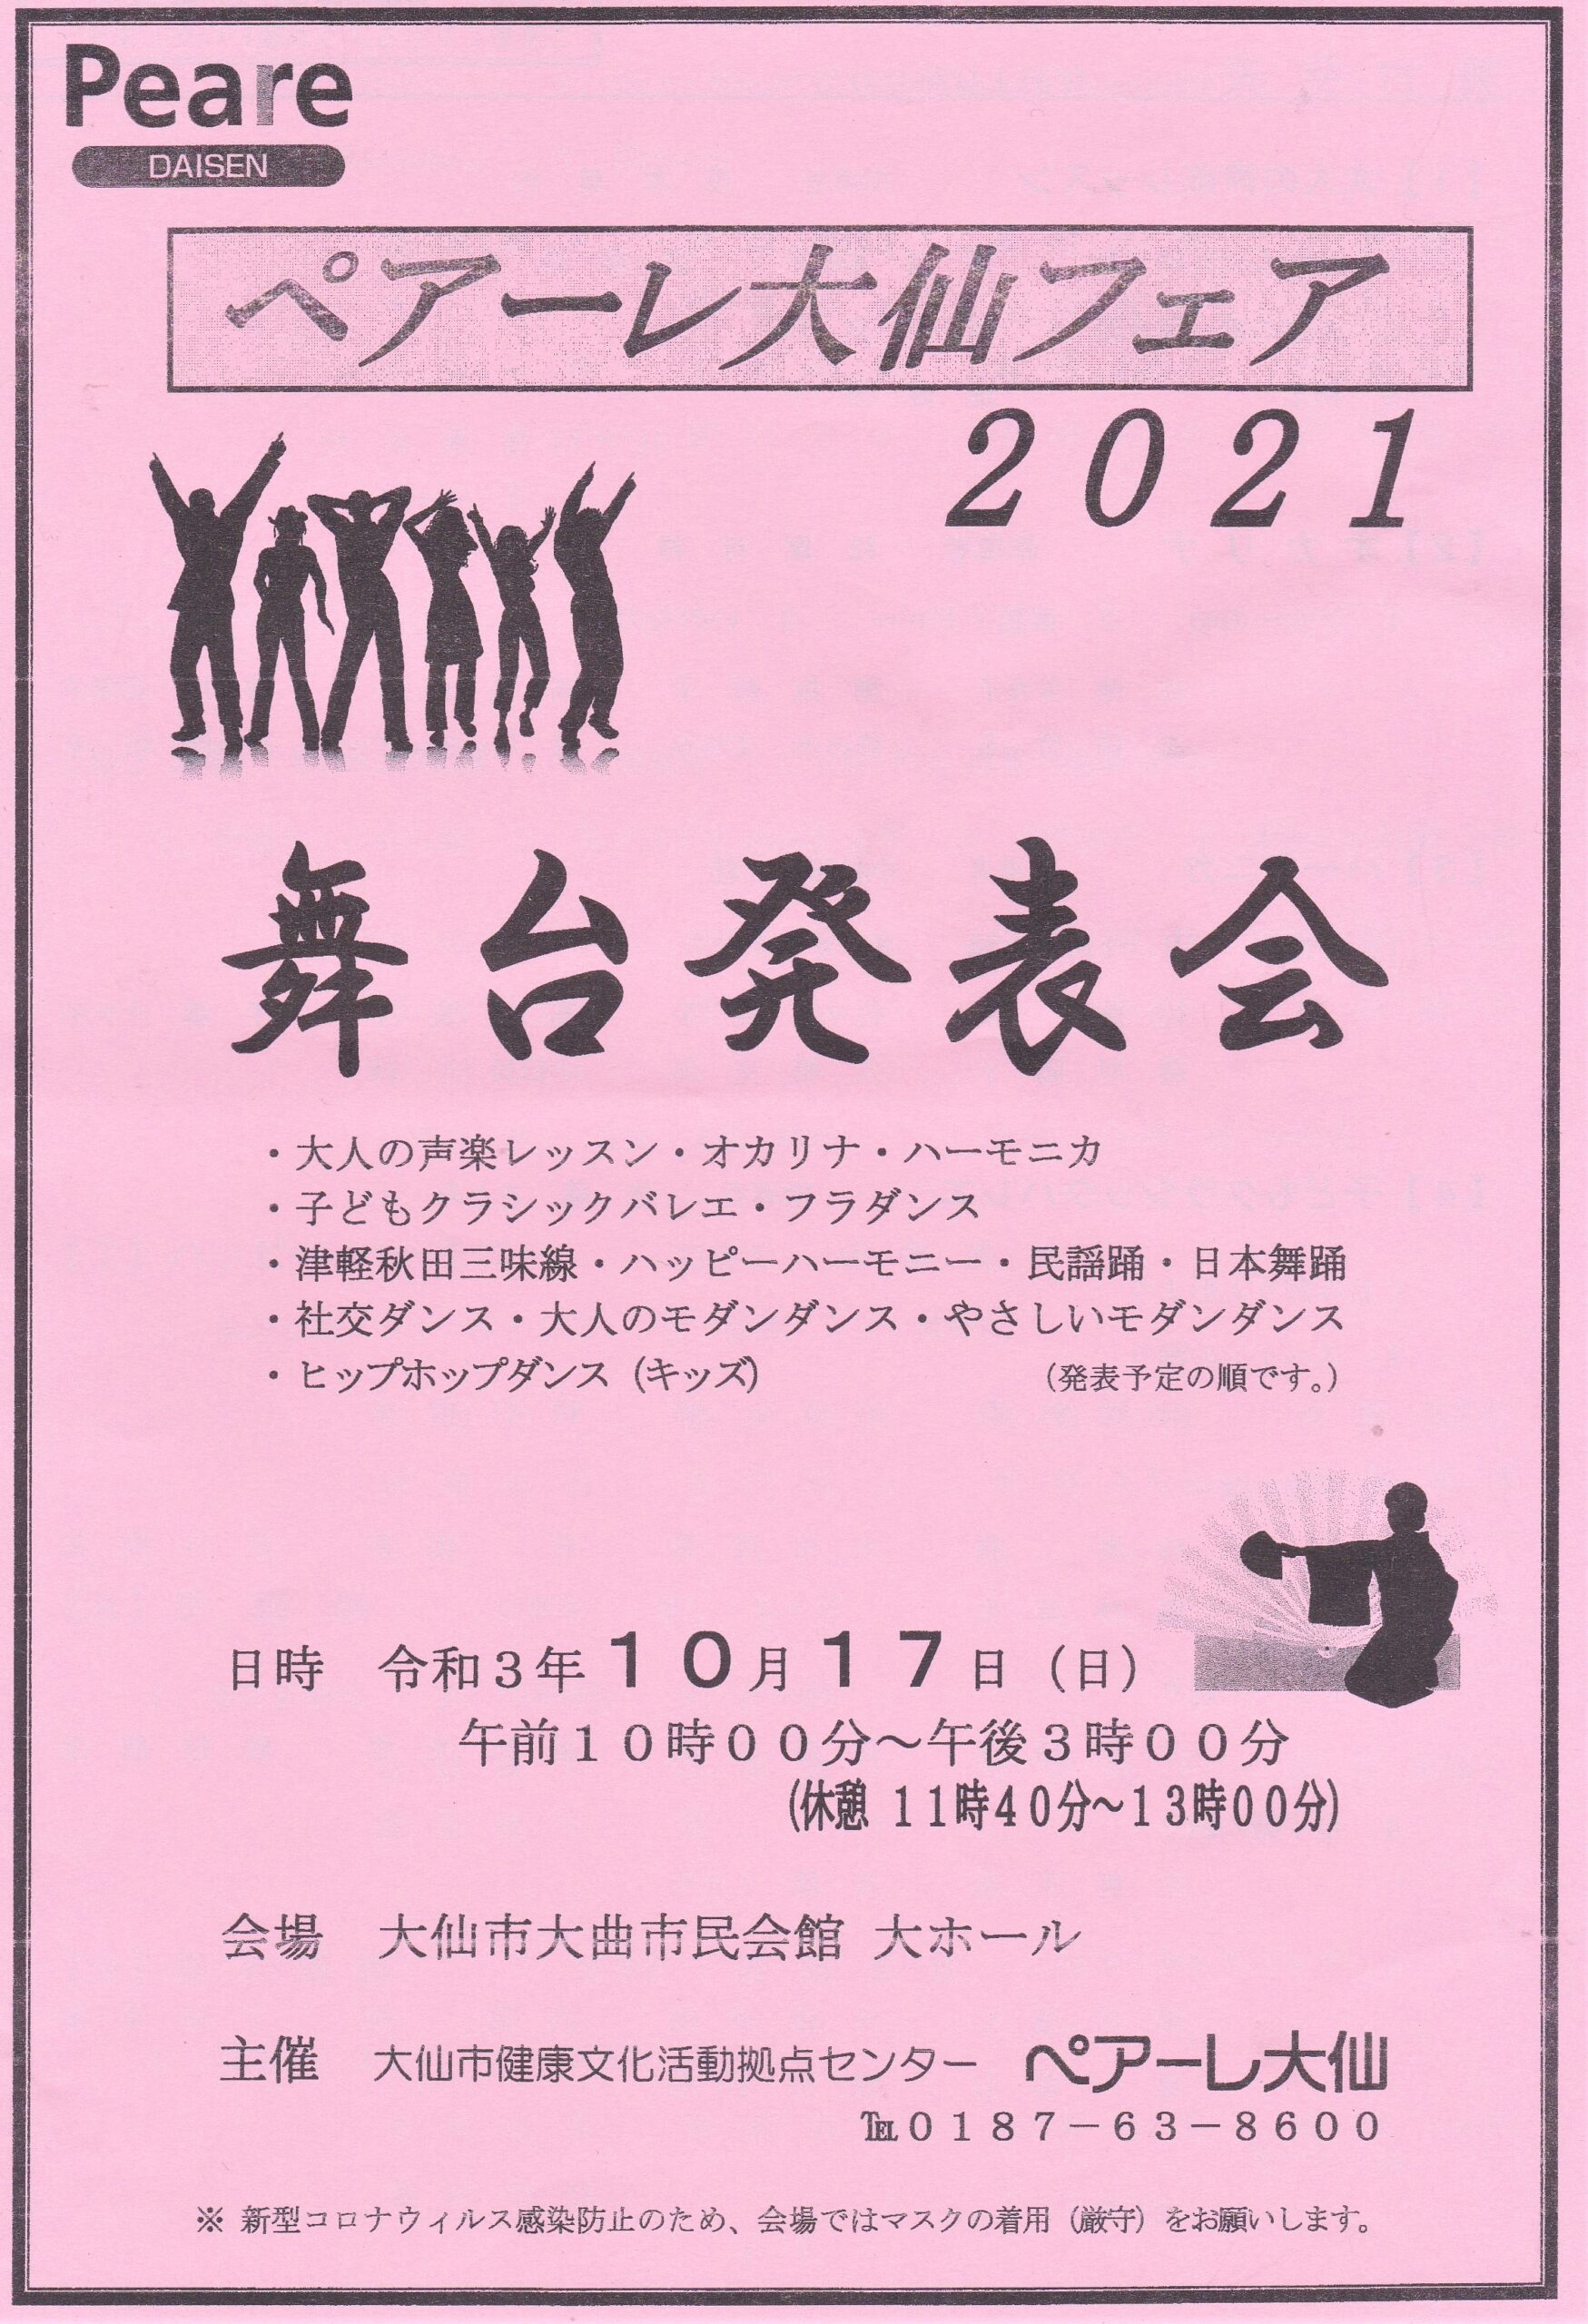 藤間知枝主宰「ペアーレ藤友会」が「2021ペアーレ・フェア」に出演しました。